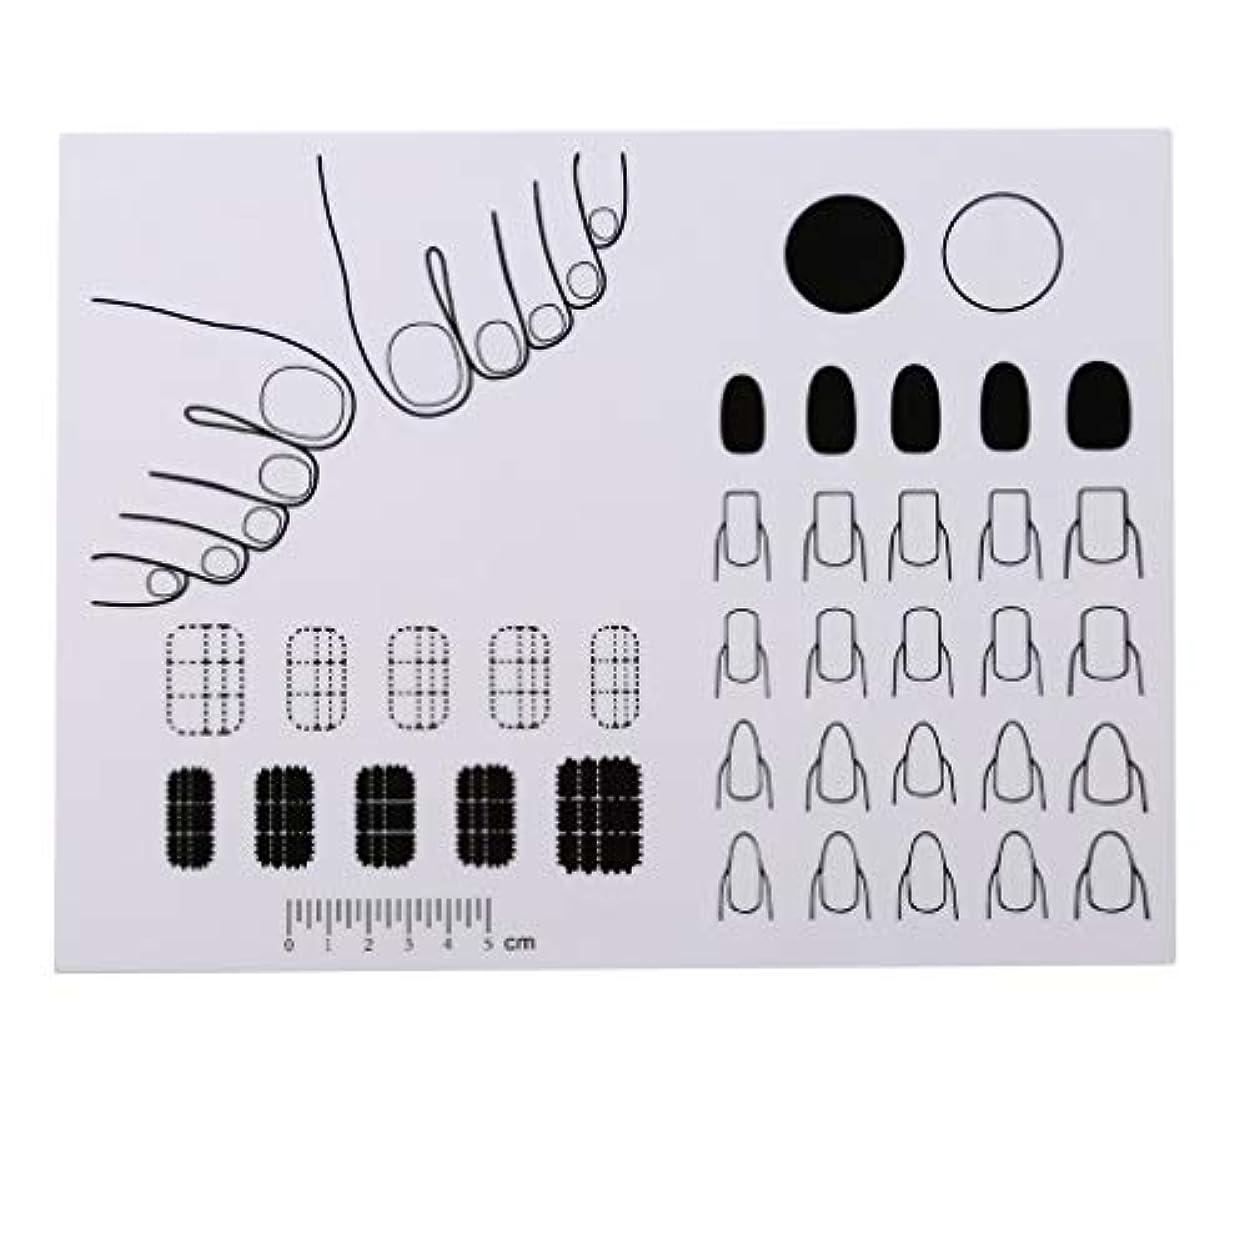 紀元前比較全部LJSLYJ 折りたたみネイルアートシリコンパッドプレートスタンピングネイルアートステッカーuvジェルマニキュアツール印刷着色マット、1#